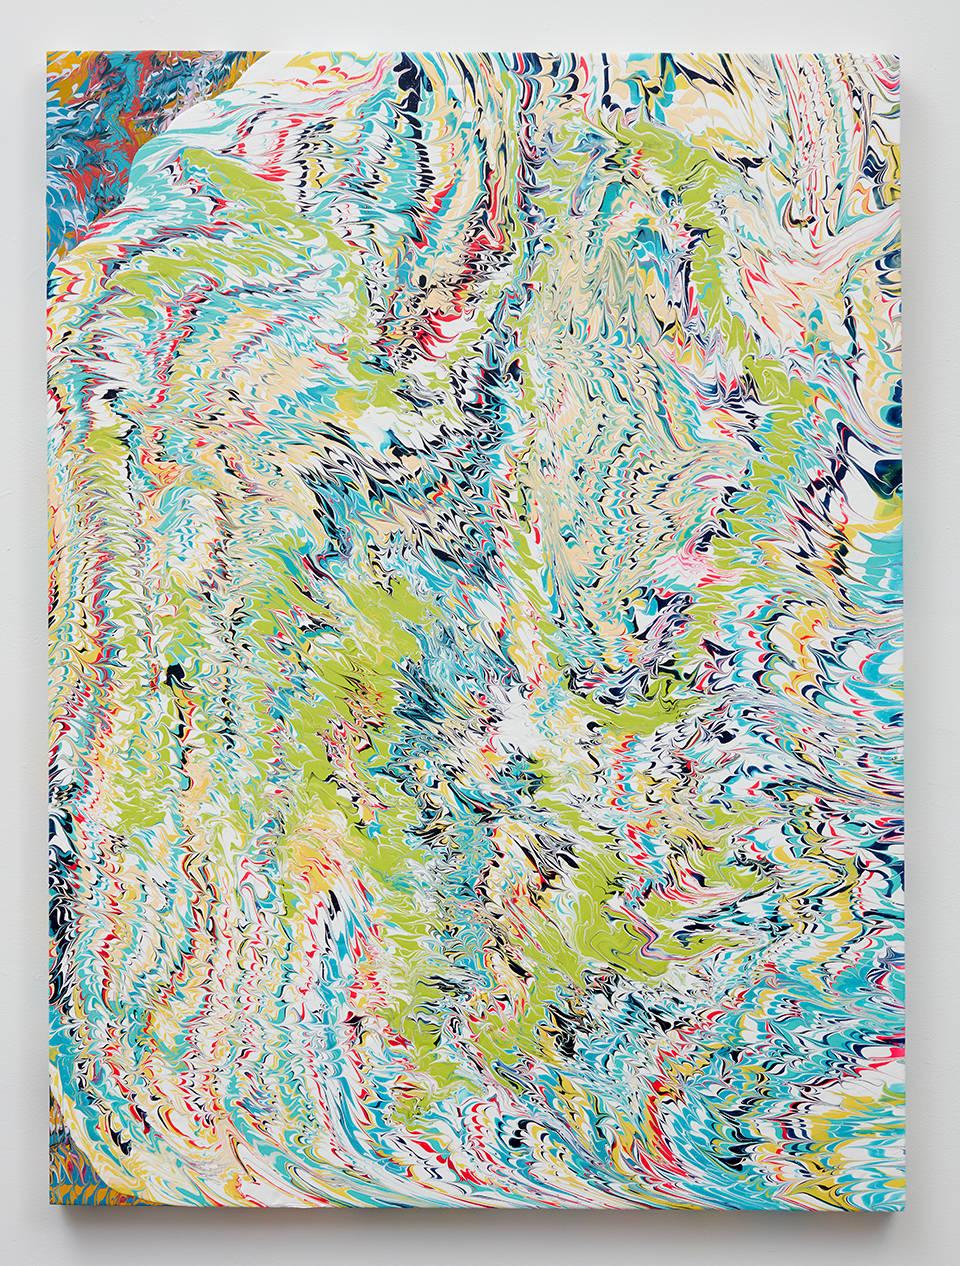 Glen Baldridge, No Way, 2019. Acrylic on panel 48 x 36 inches (121.9 x 91.4 cm)